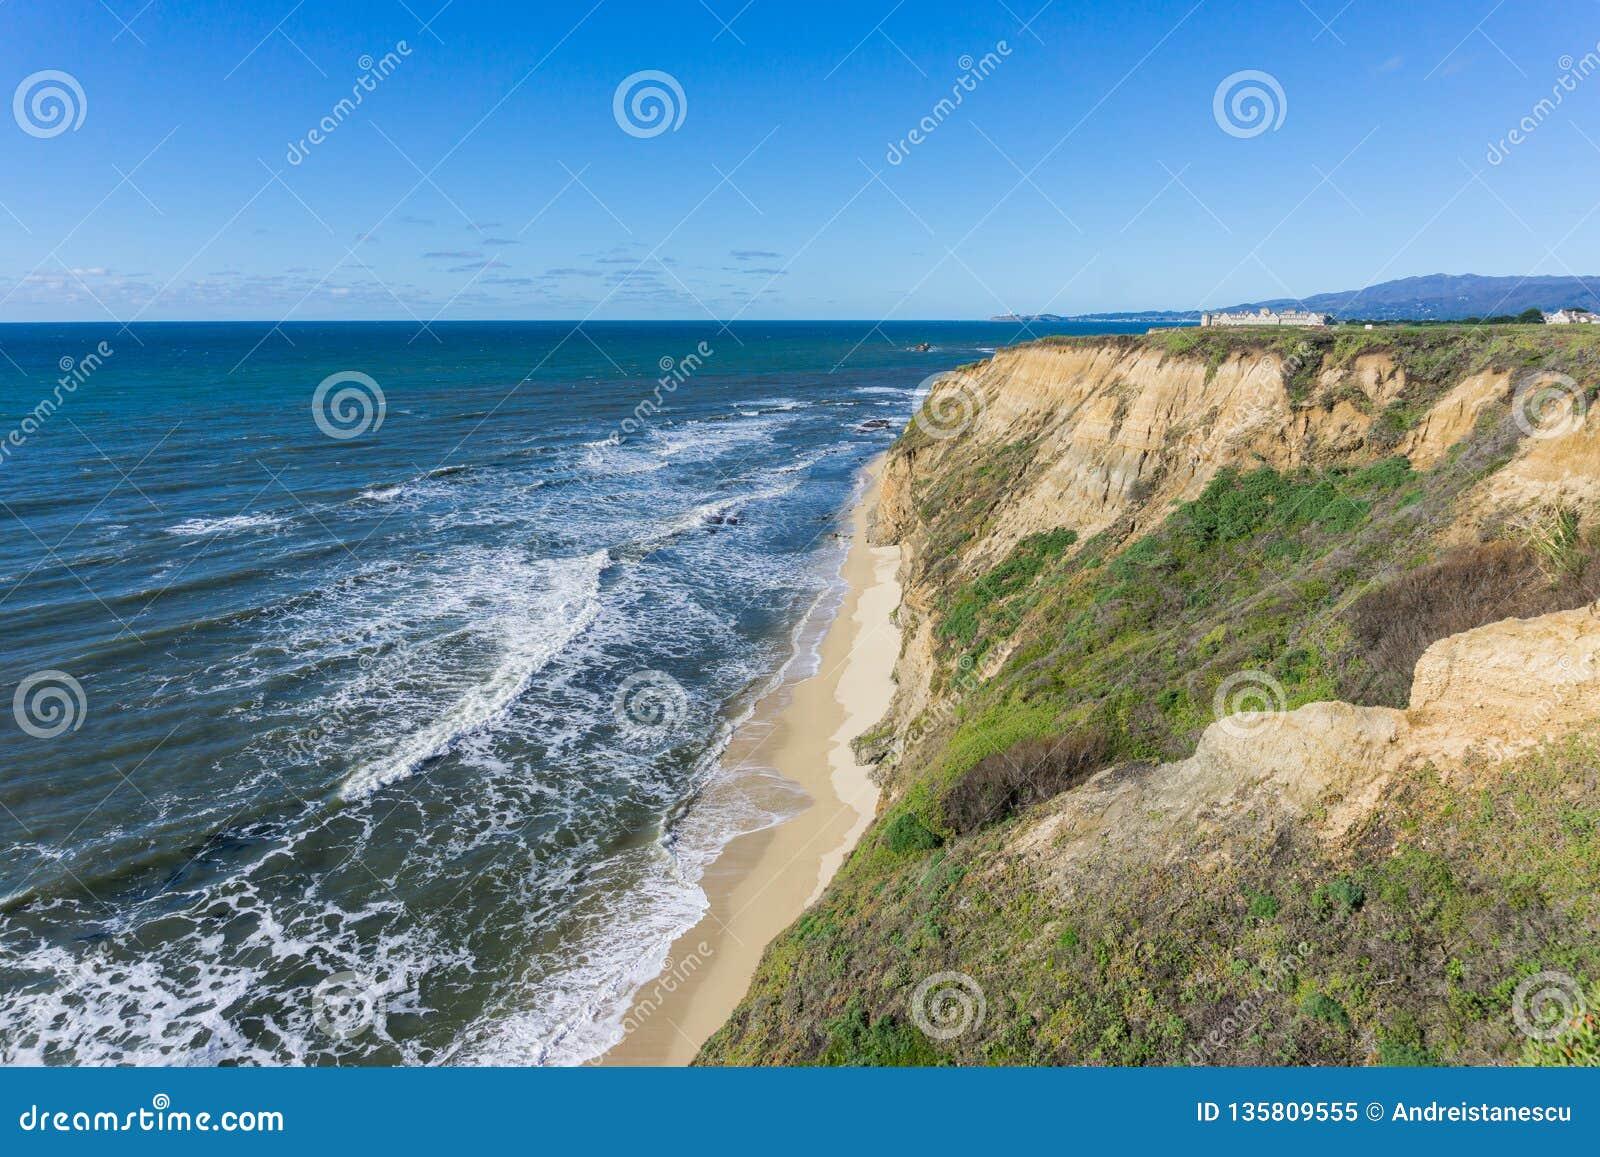 Eroderad klippor och sandig strand, Stilla havet, Half Moon Bay, Kalifornien